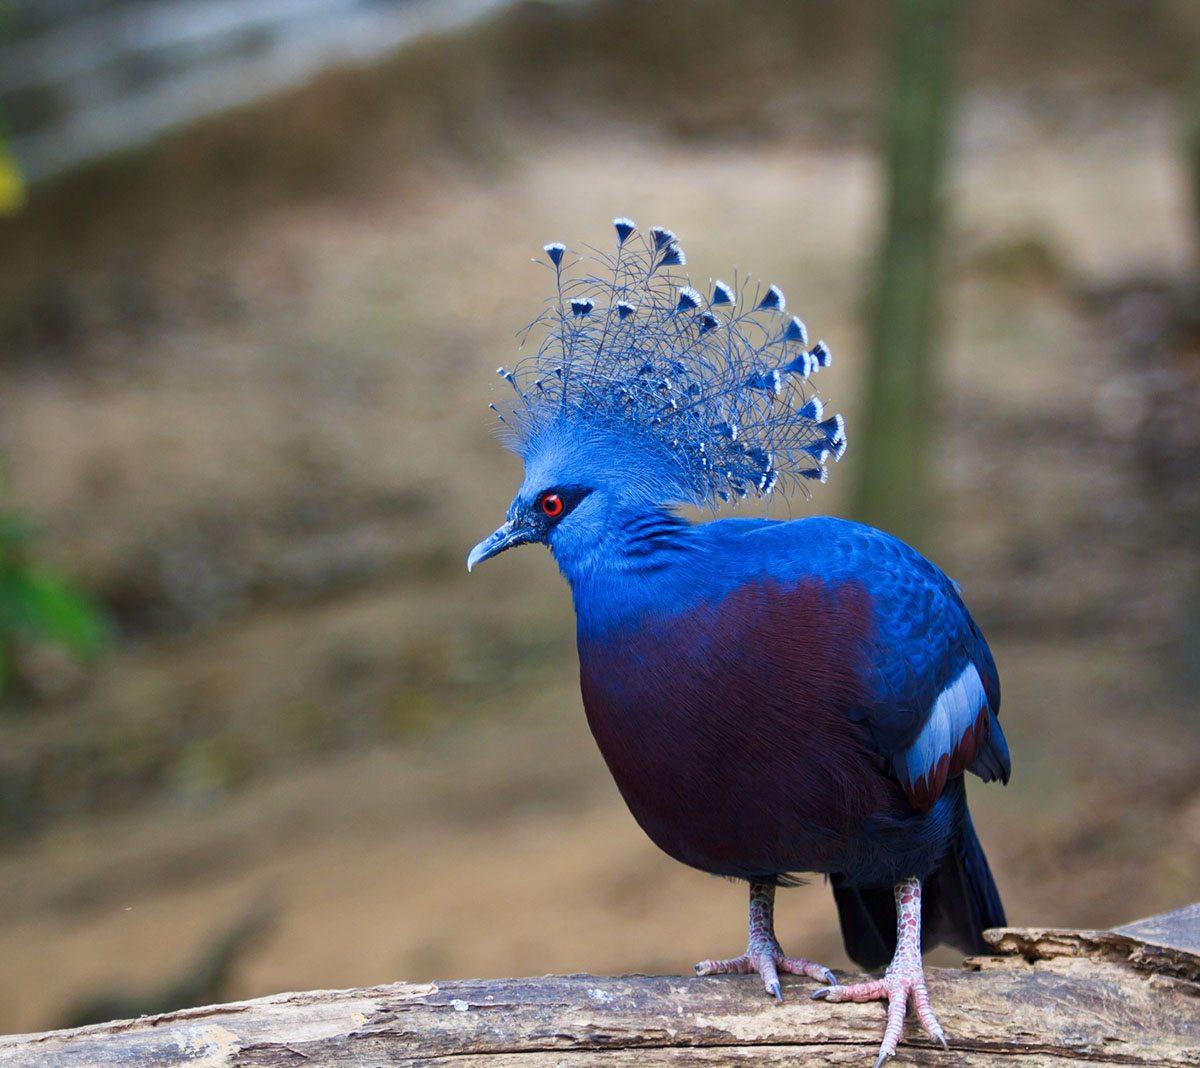 2. Pigeons